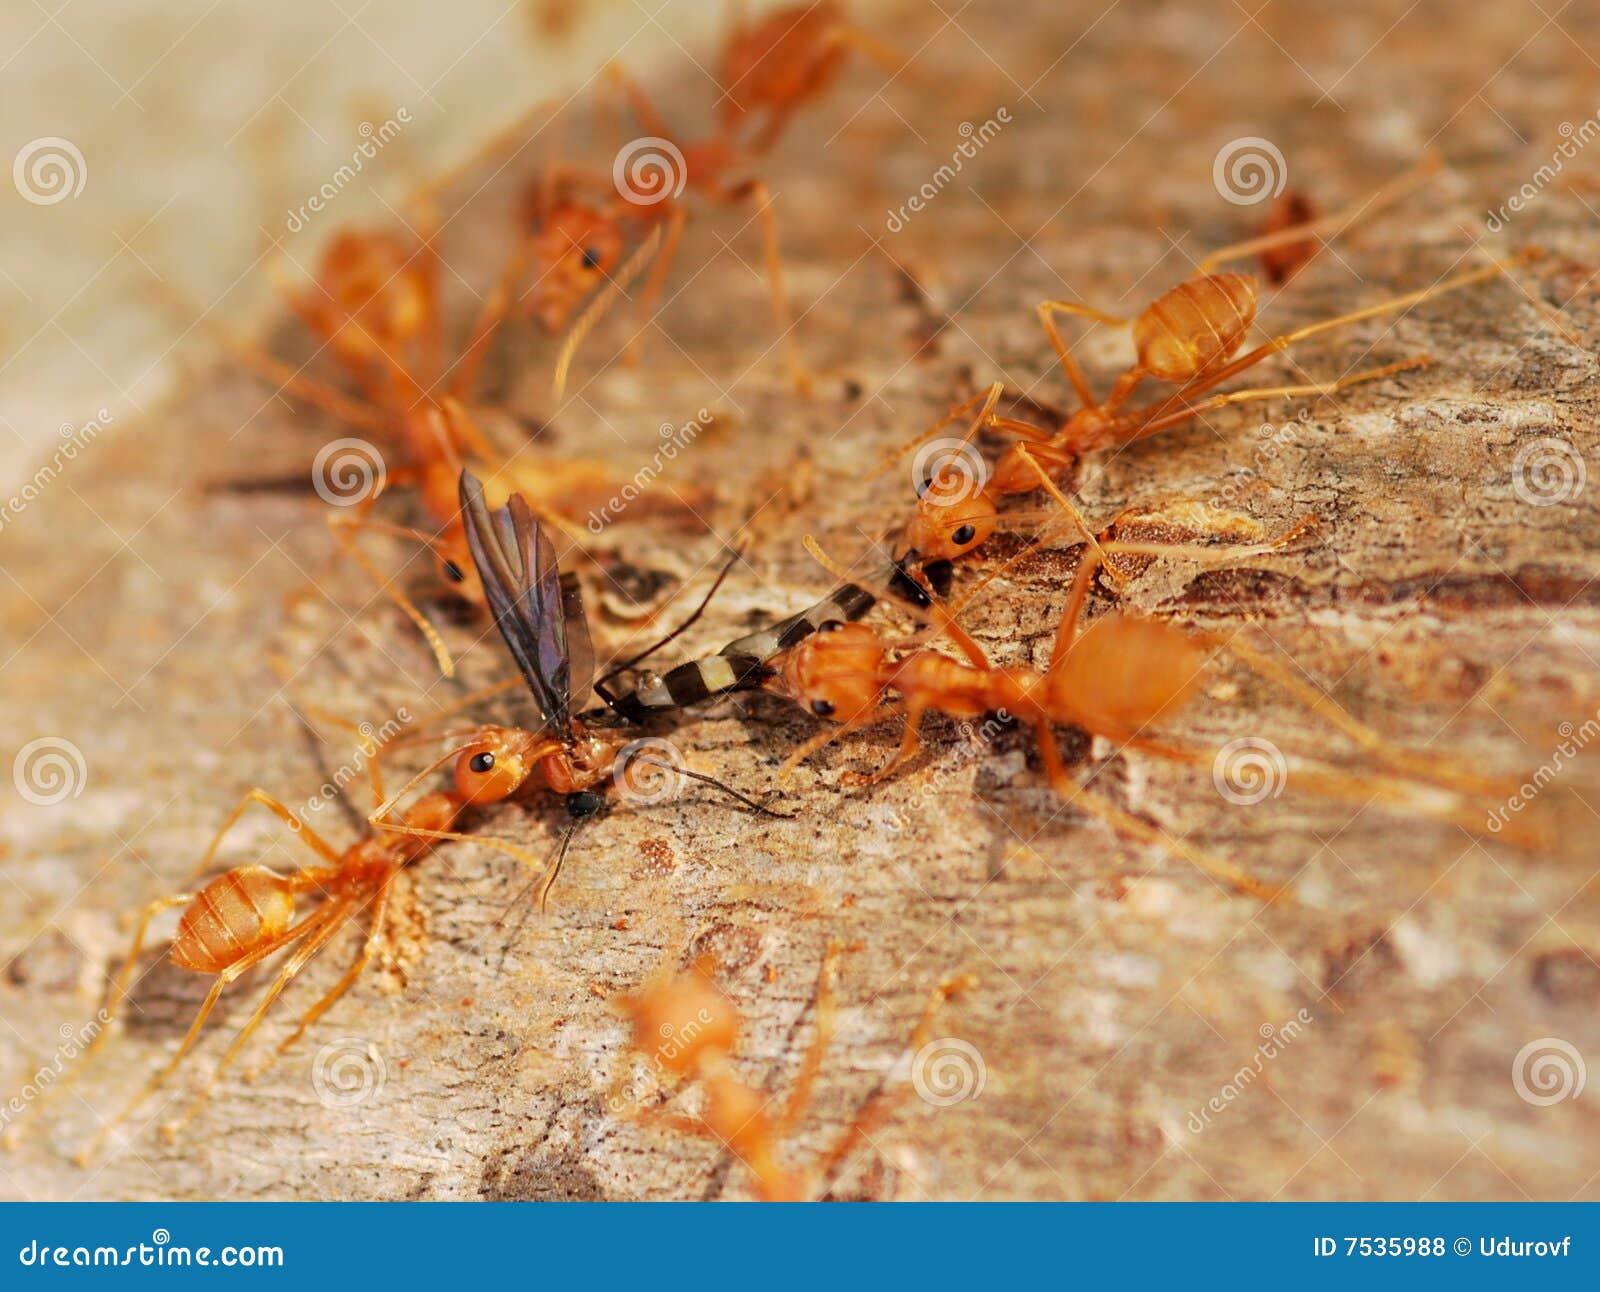 chasse fourmis photos libres de droits image 7535988. Black Bedroom Furniture Sets. Home Design Ideas